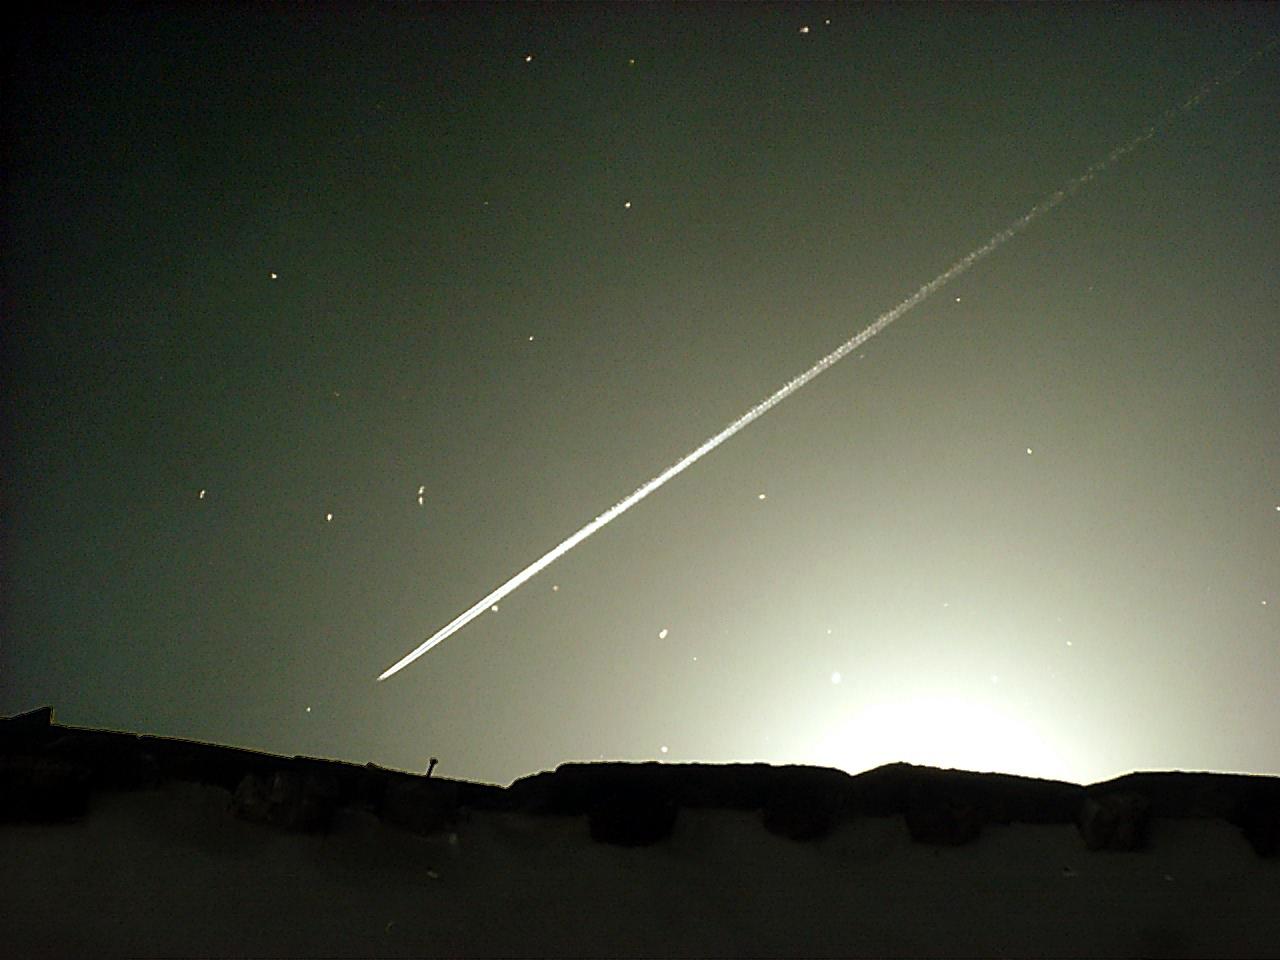 Pin estrellas fugaces de navidad para colorear on pinterest for Estrella fugaz navidad